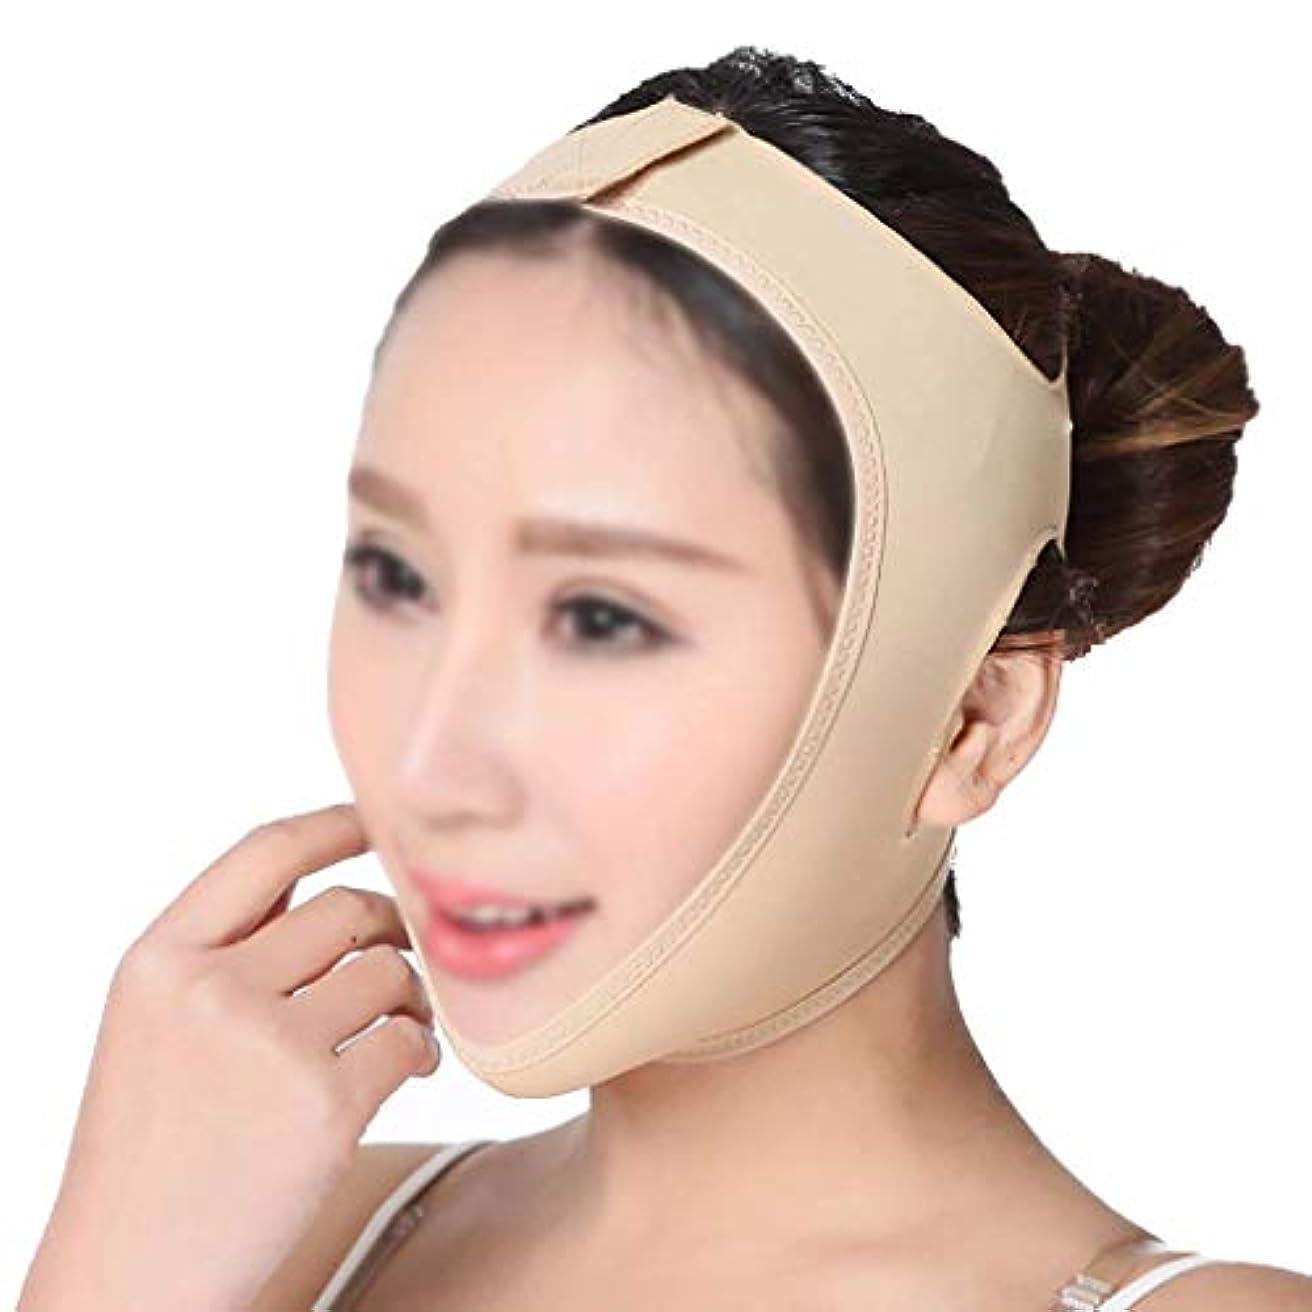 鳥補償ゴミフェイスリフティングマスク、持ち上がるあごと顔の肌、垂れ下がるのを防ぐ頬、快適で通気性のある生地、詰め物にすることを拒否、着用しやすい(サイズ:XL)